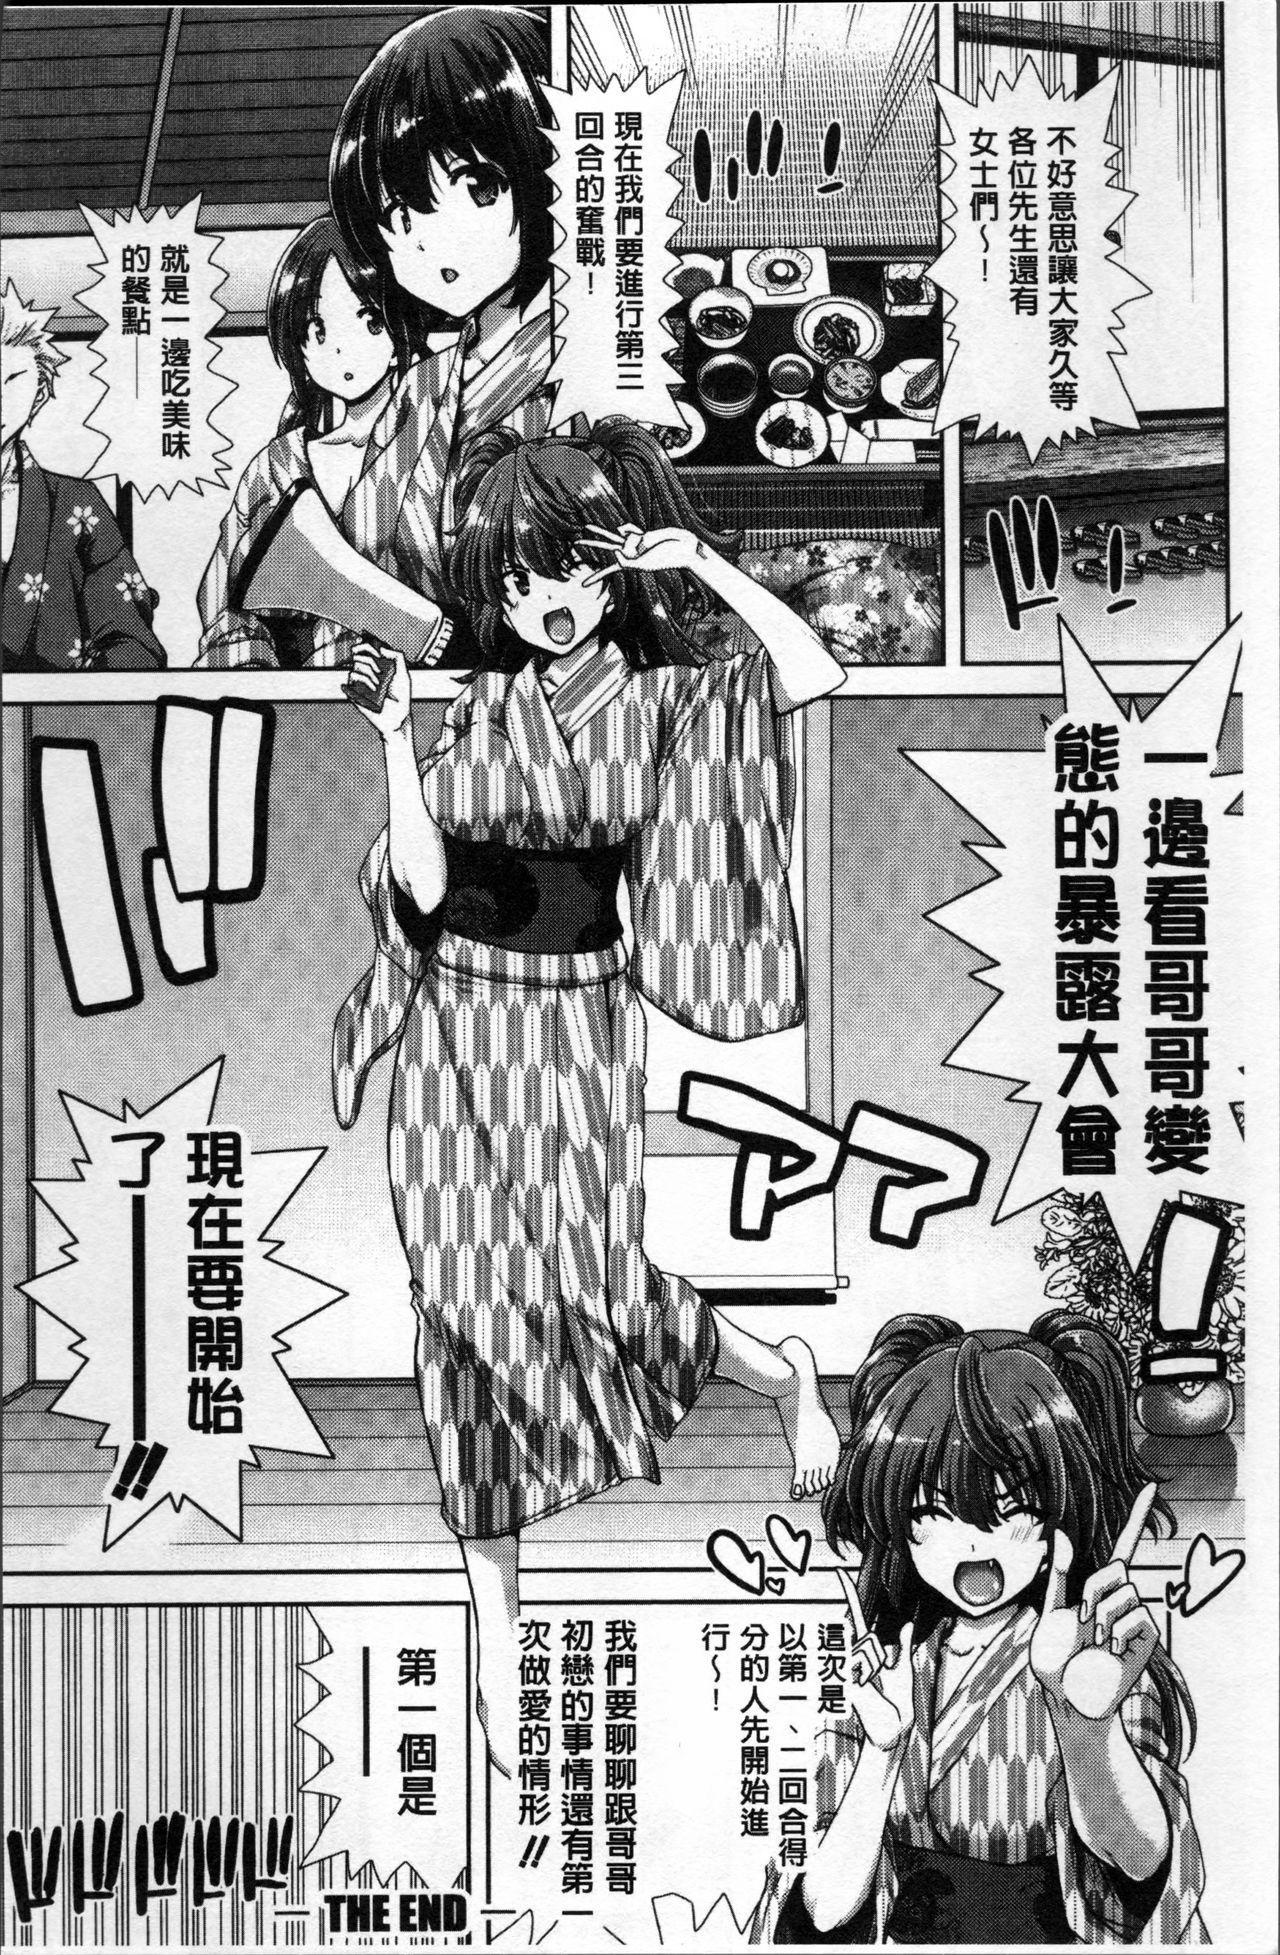 Imouto dakedo Oniichan, H Shiyo! H Shiyo! H Shiyou yo! 198